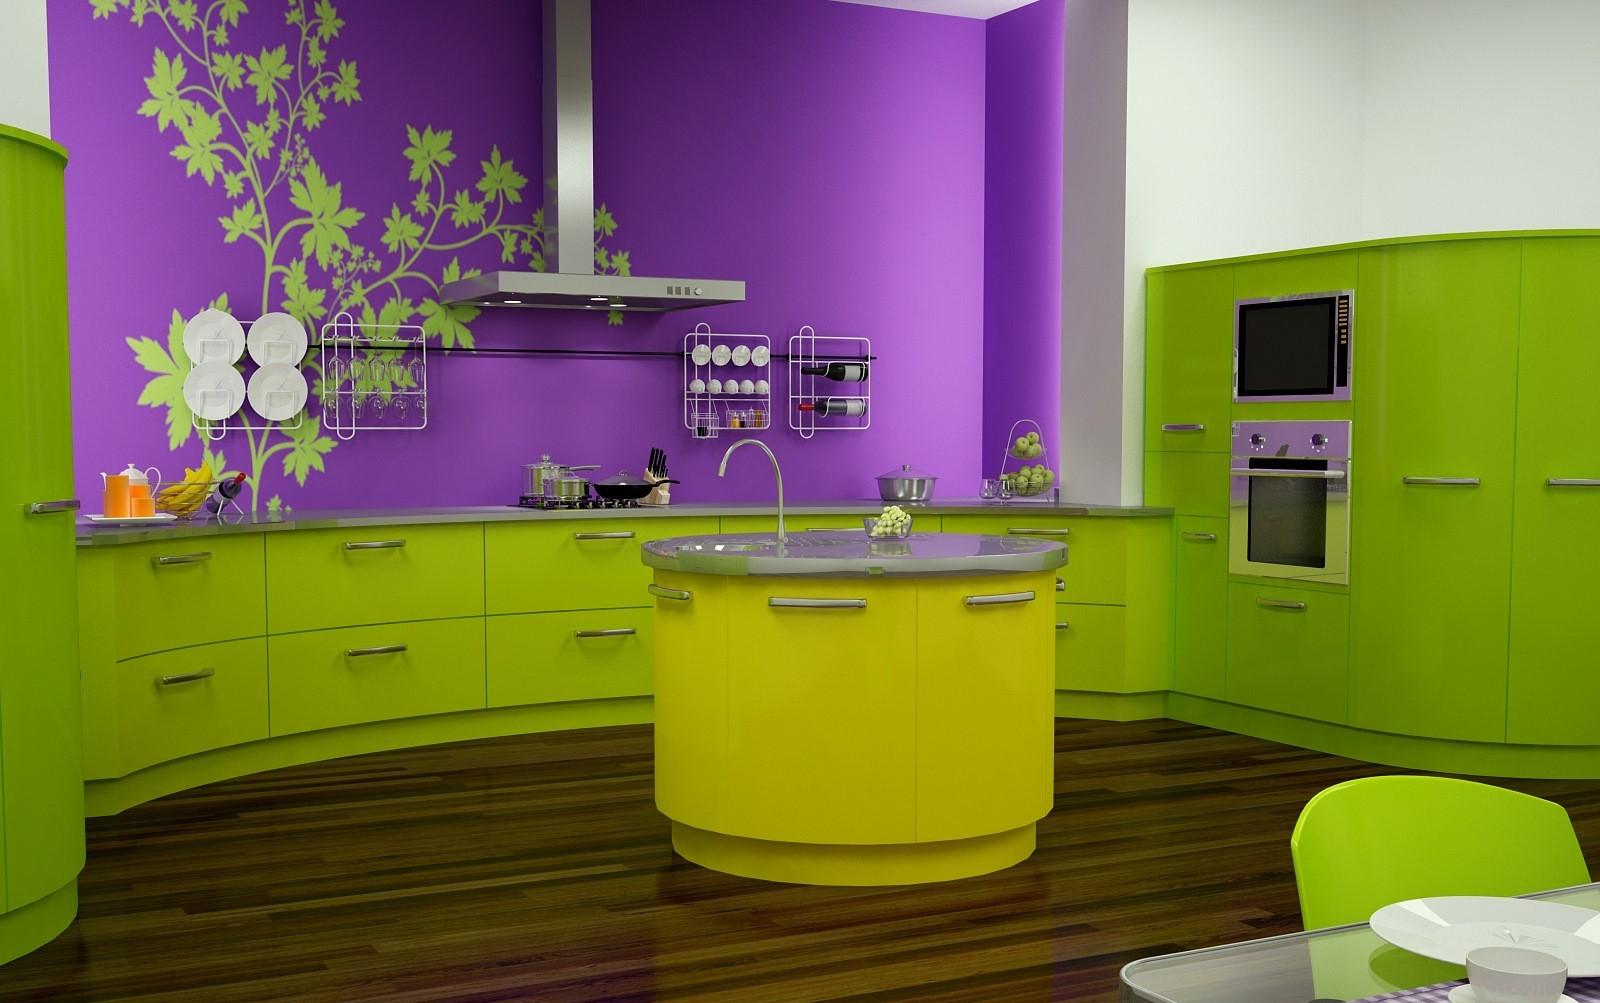 Краска на стенах в кухне